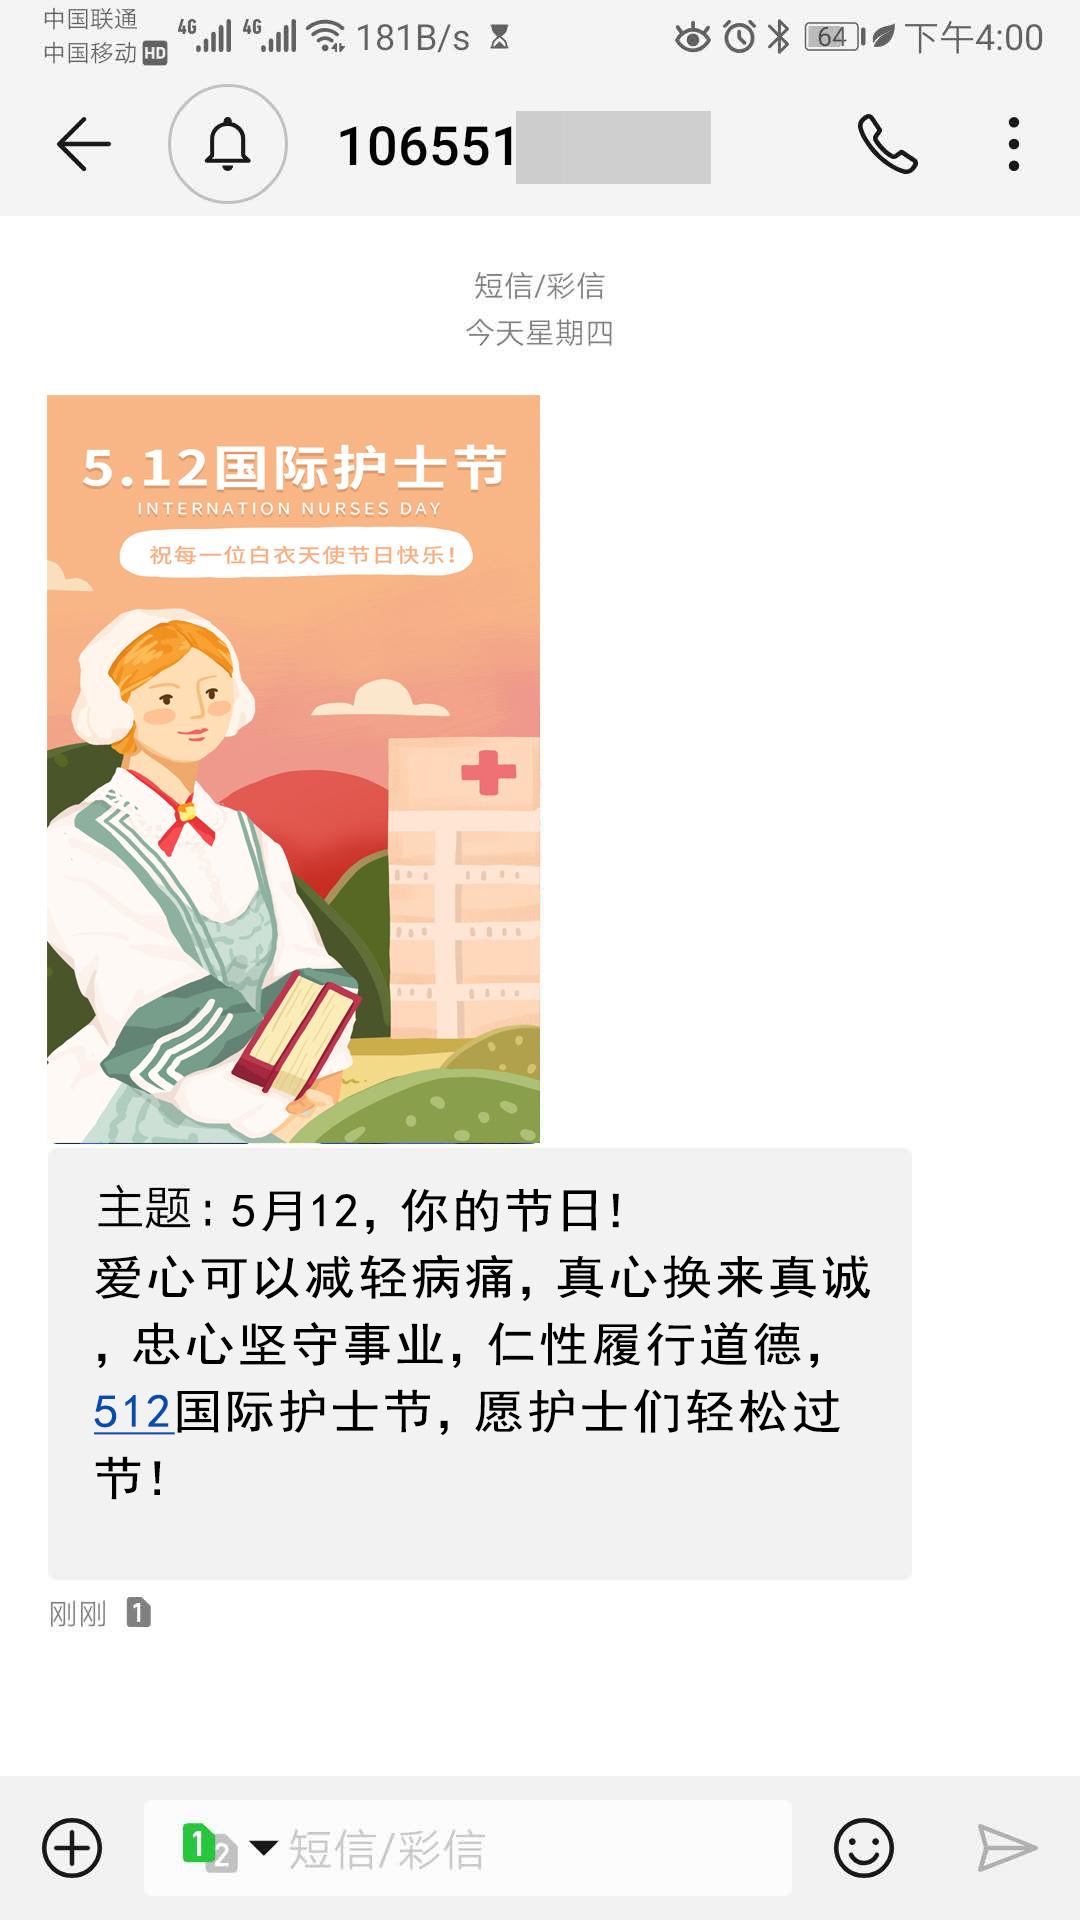 护士节彩信接收案例.jpg